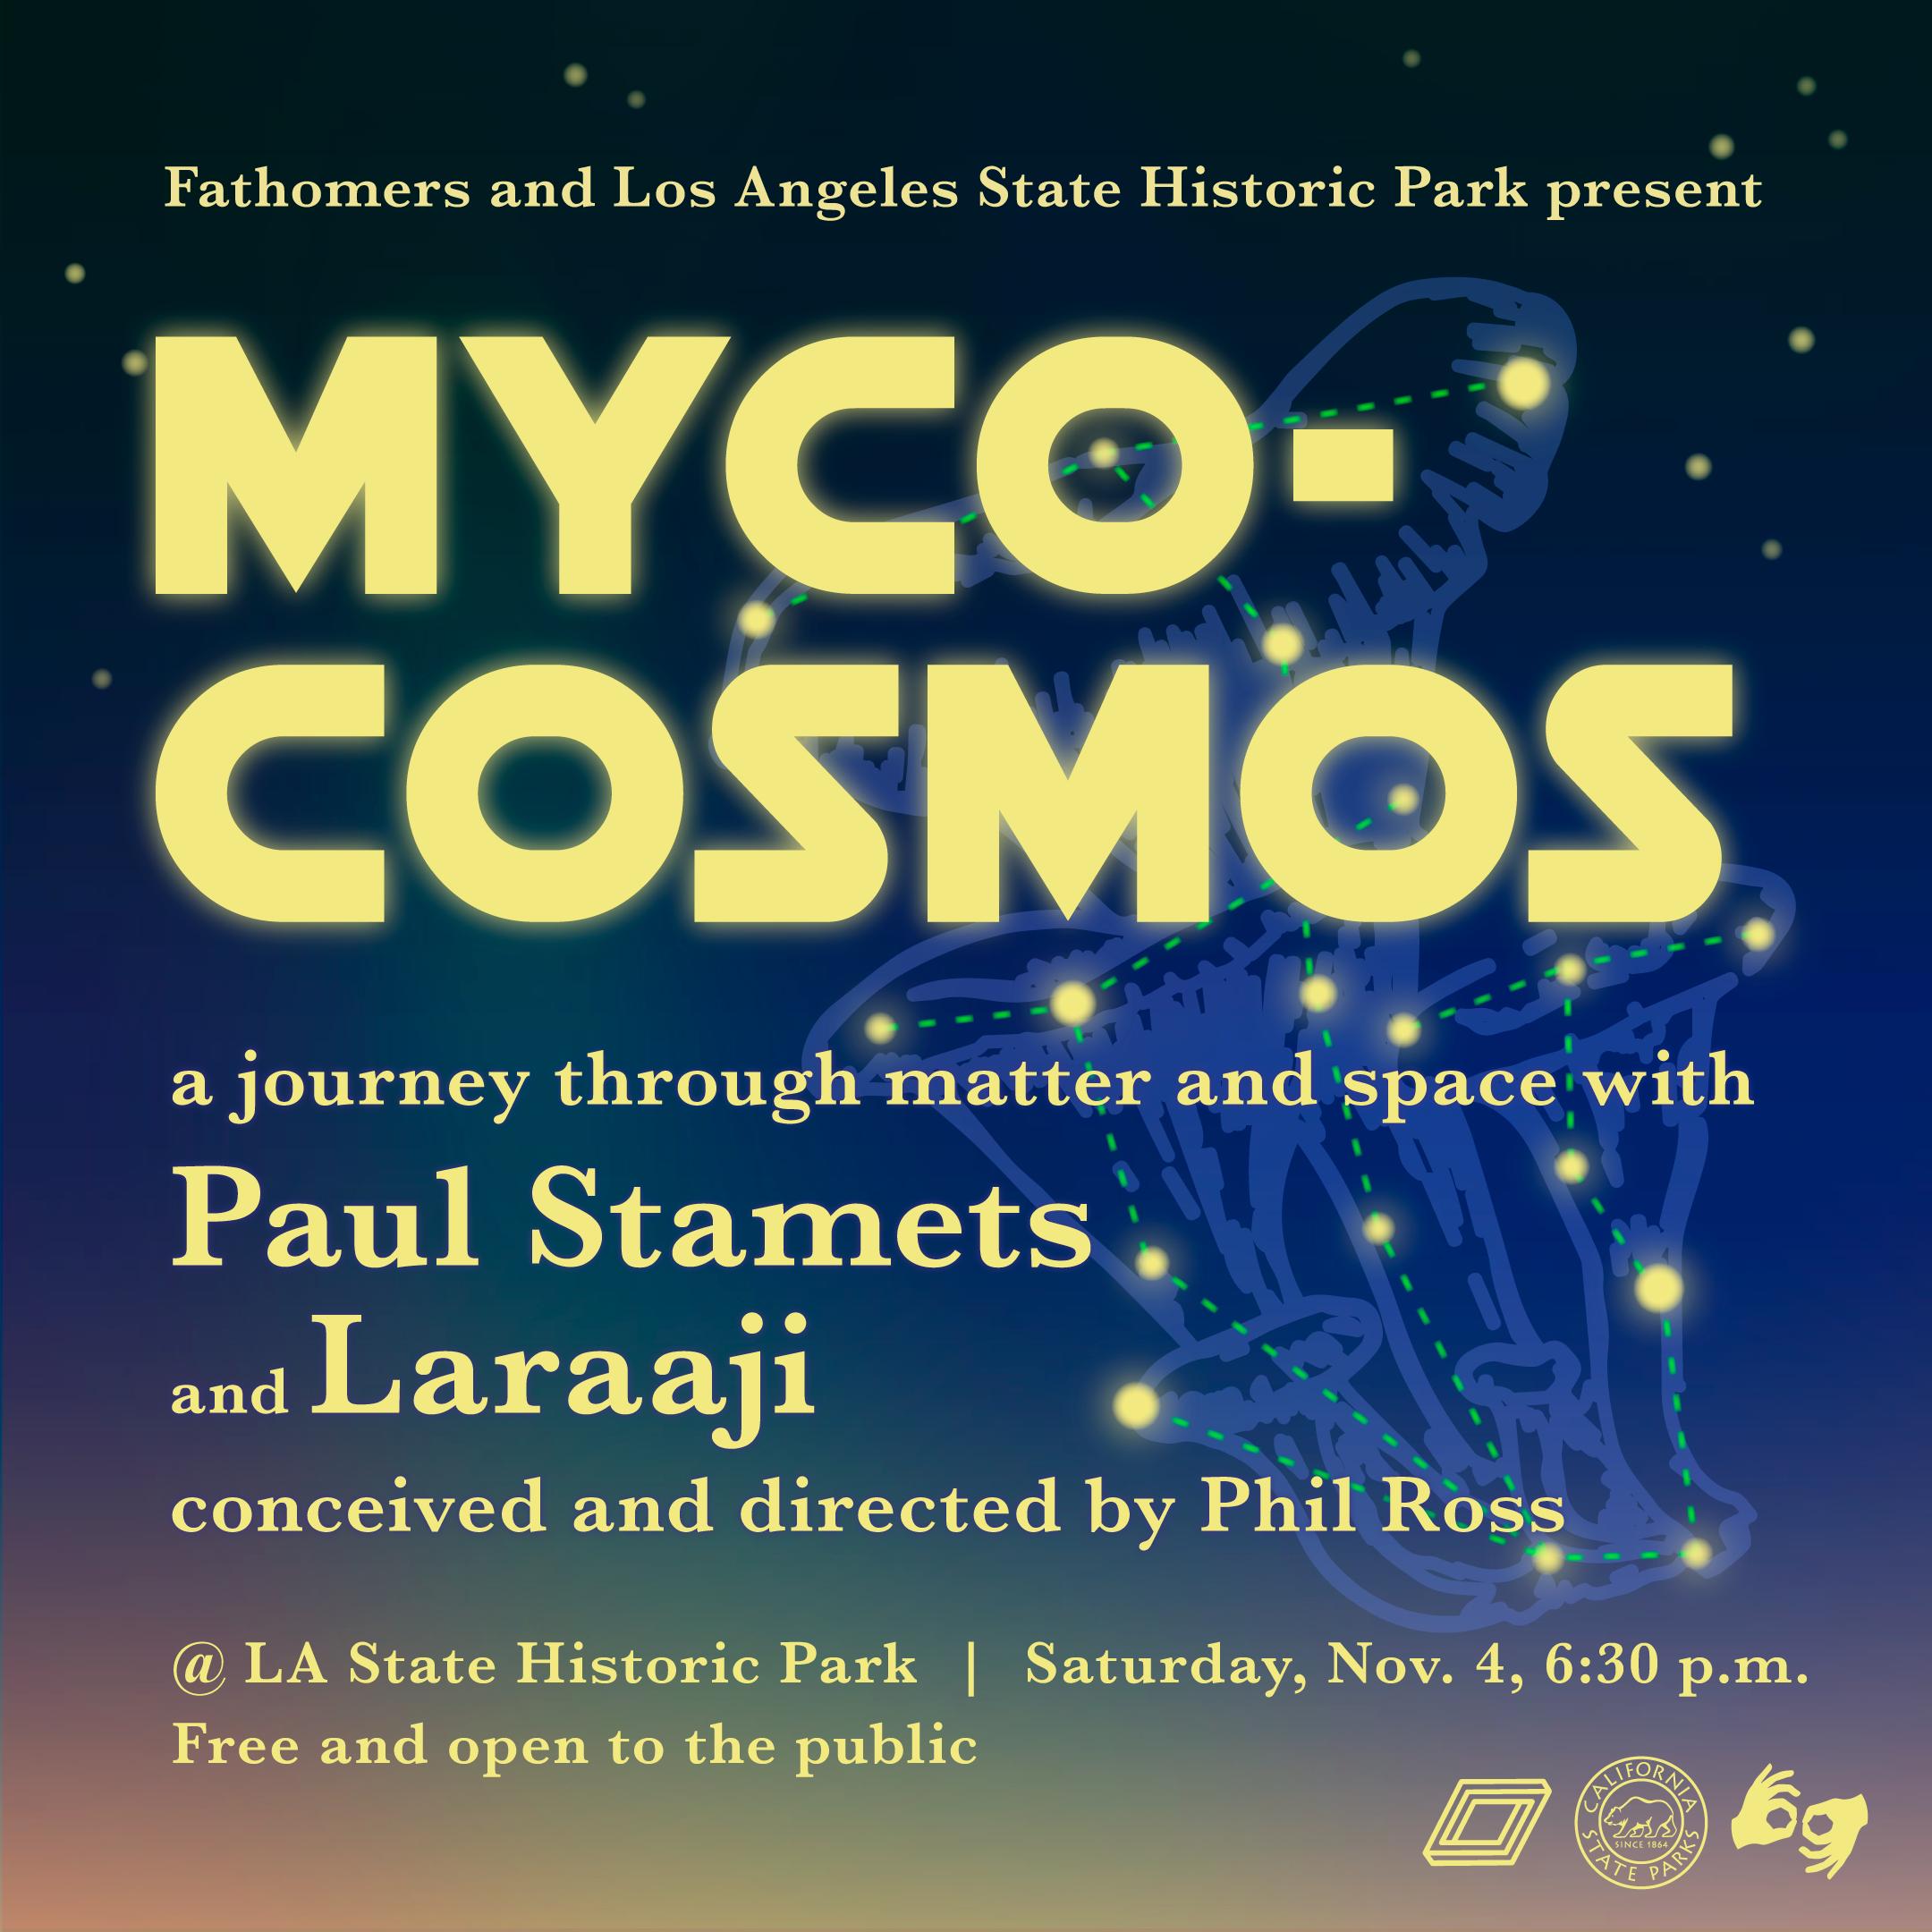 Myco-Cosmos